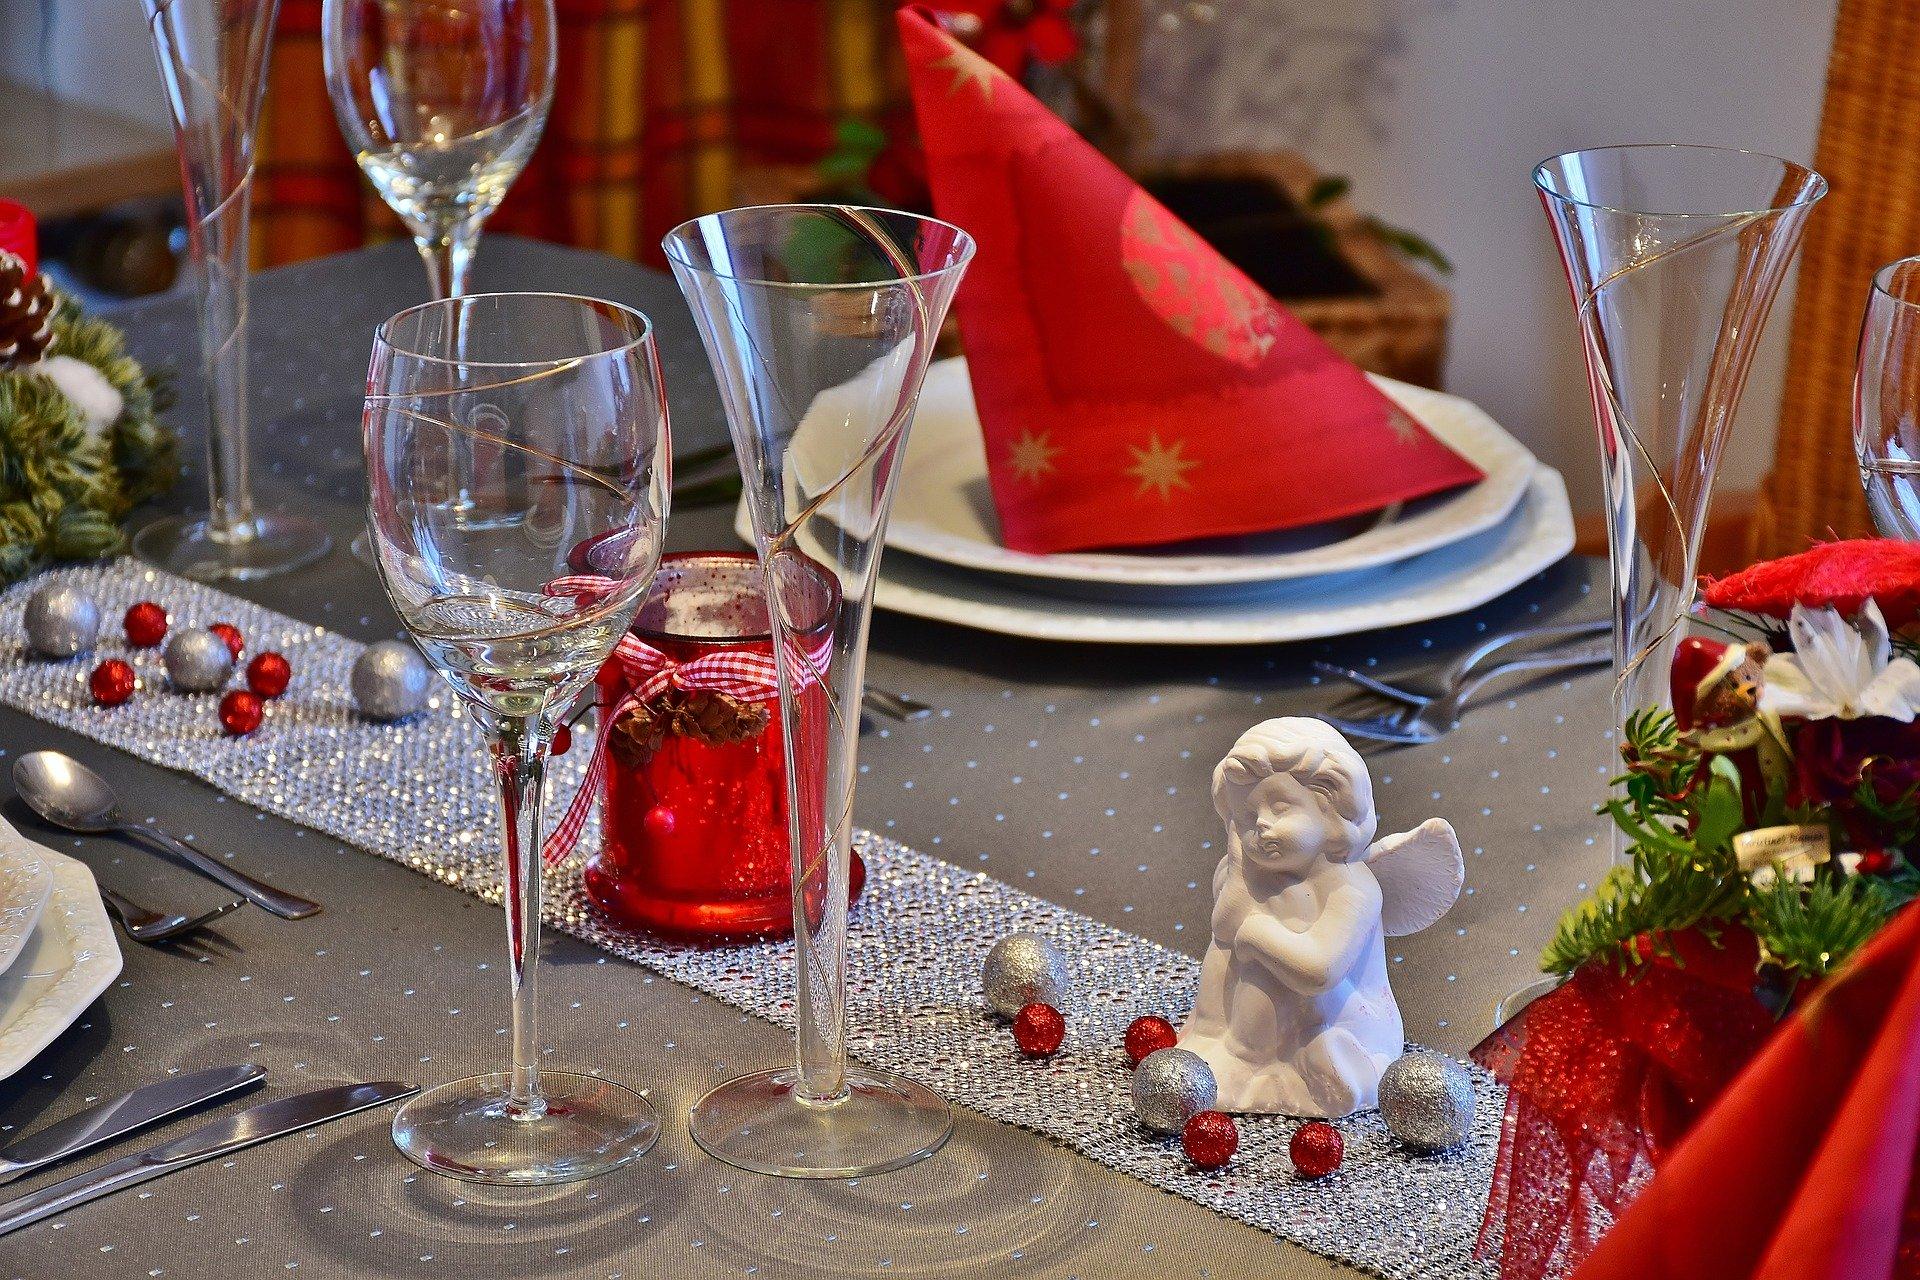 Pranzo di Natale in montagna Piemonte: